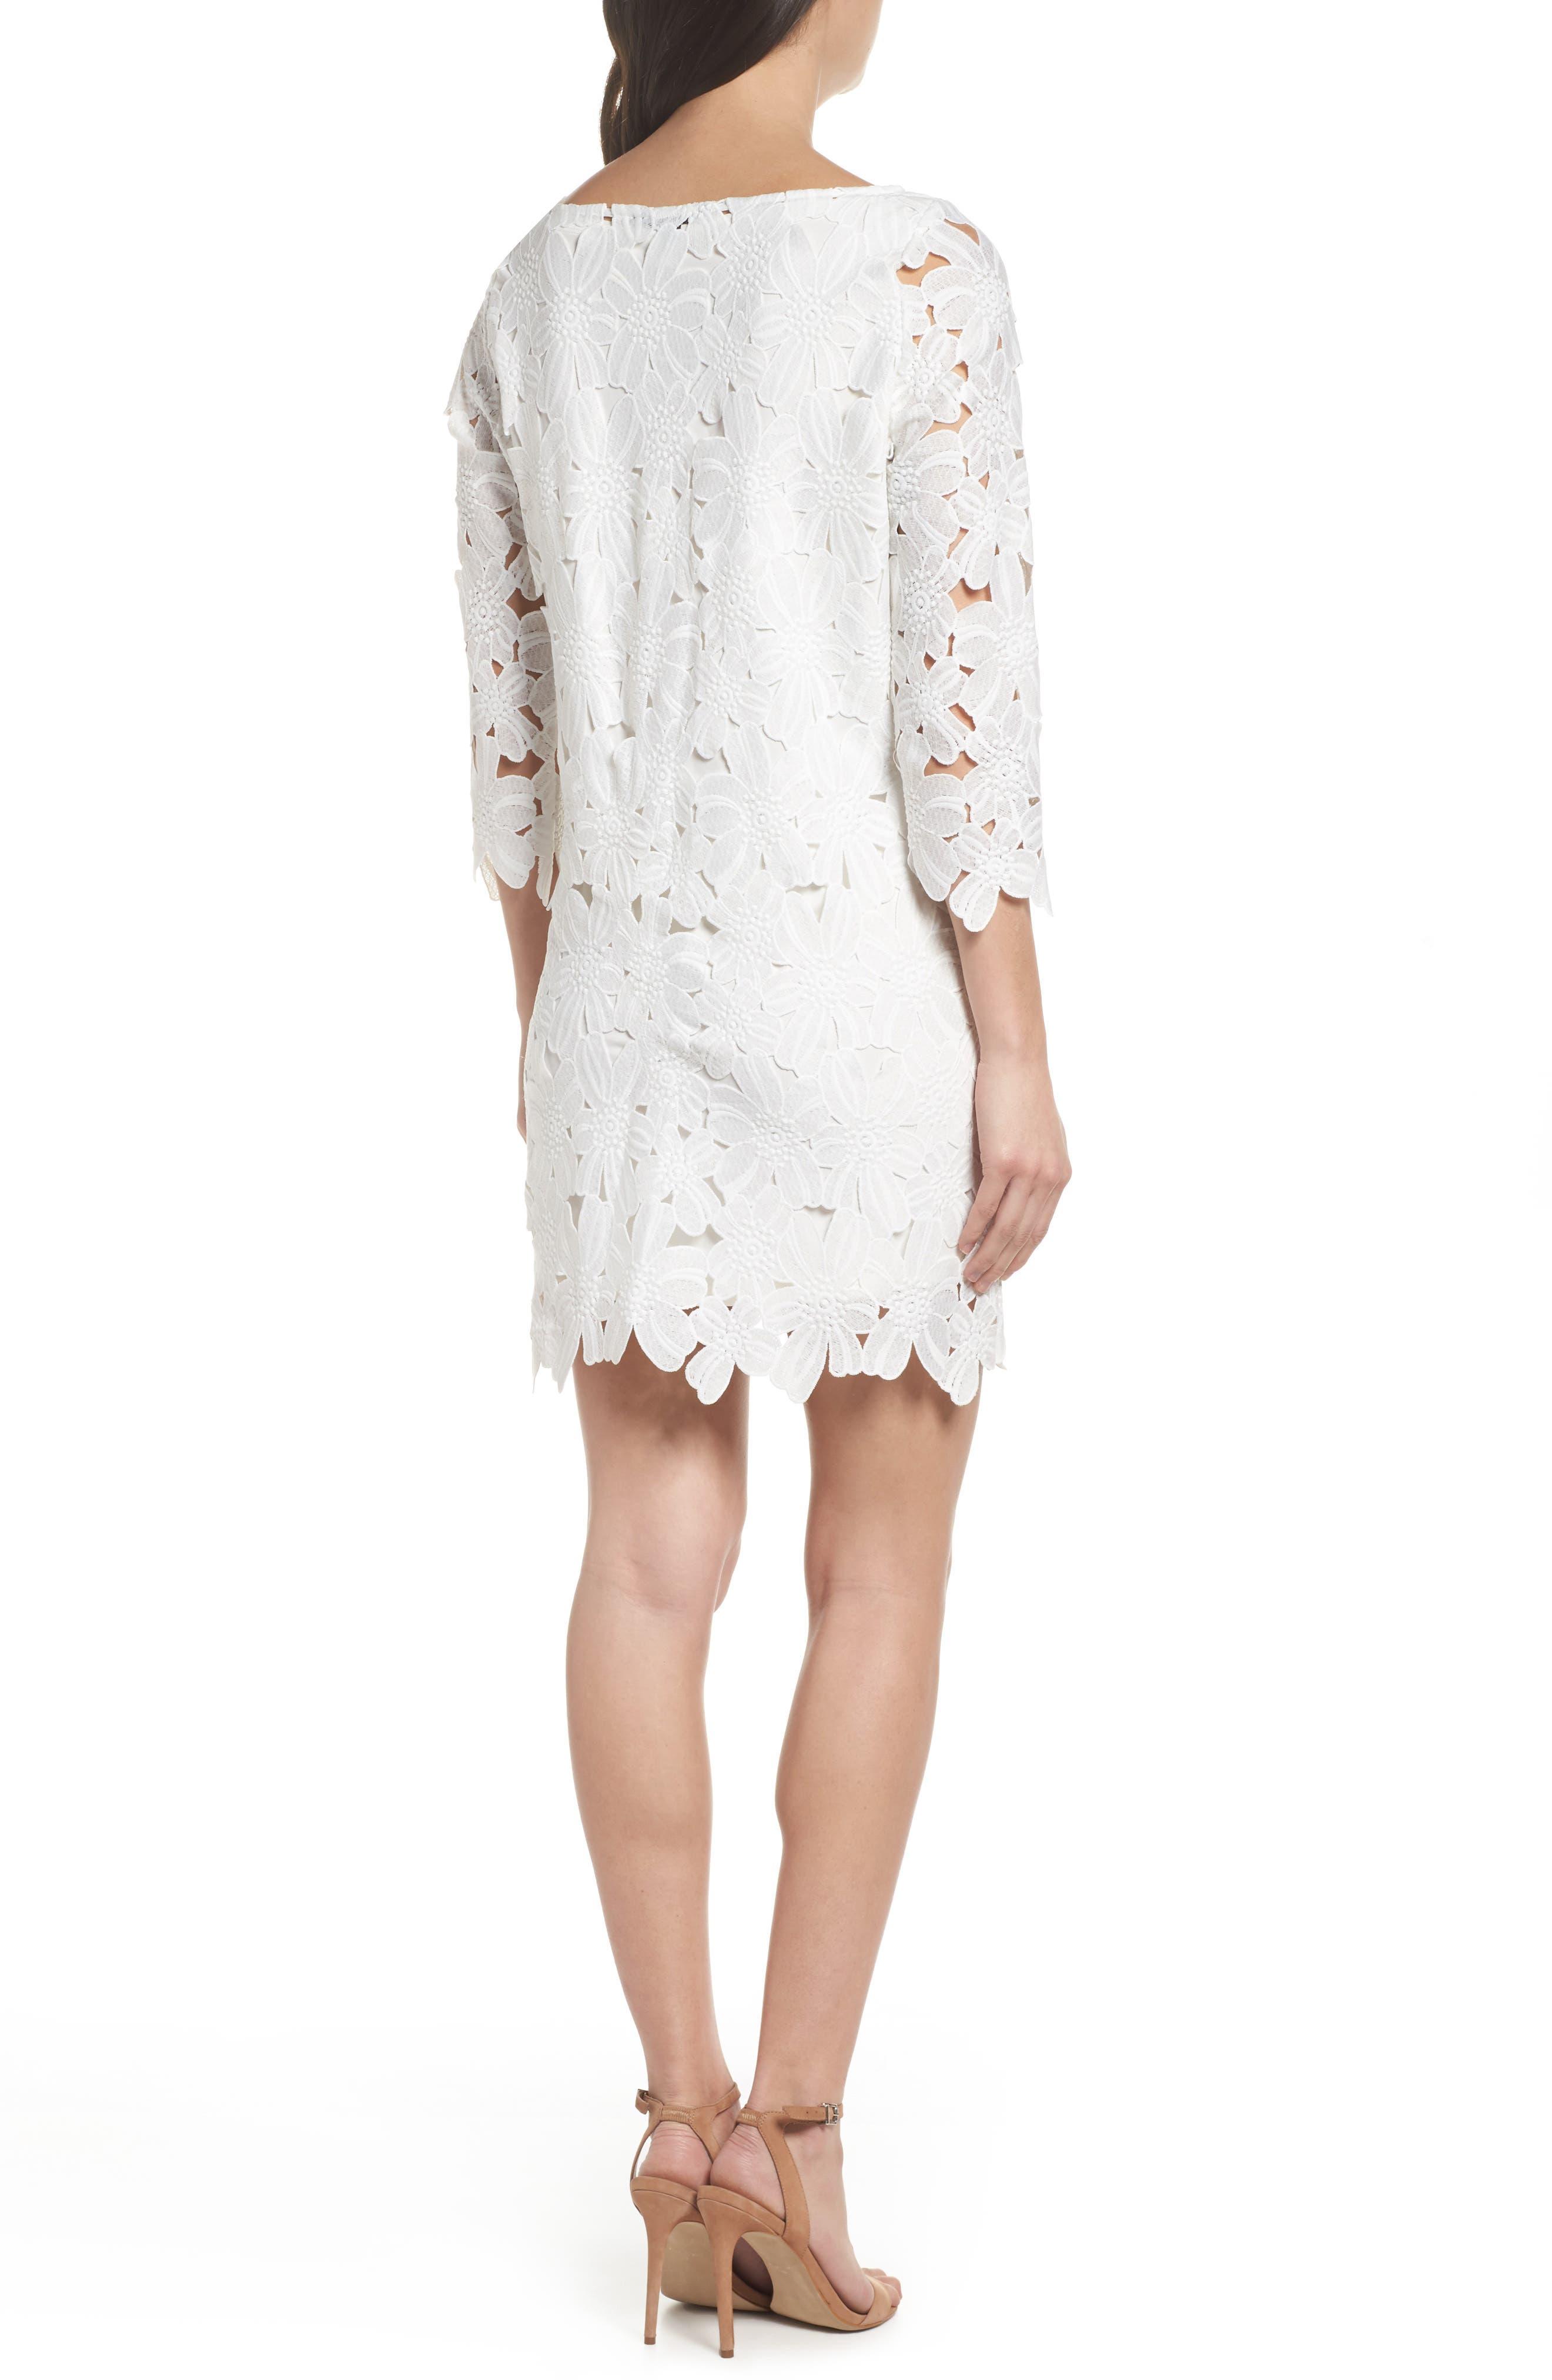 Belza Floral Lace Shift Dress,                             Alternate thumbnail 2, color,                             100